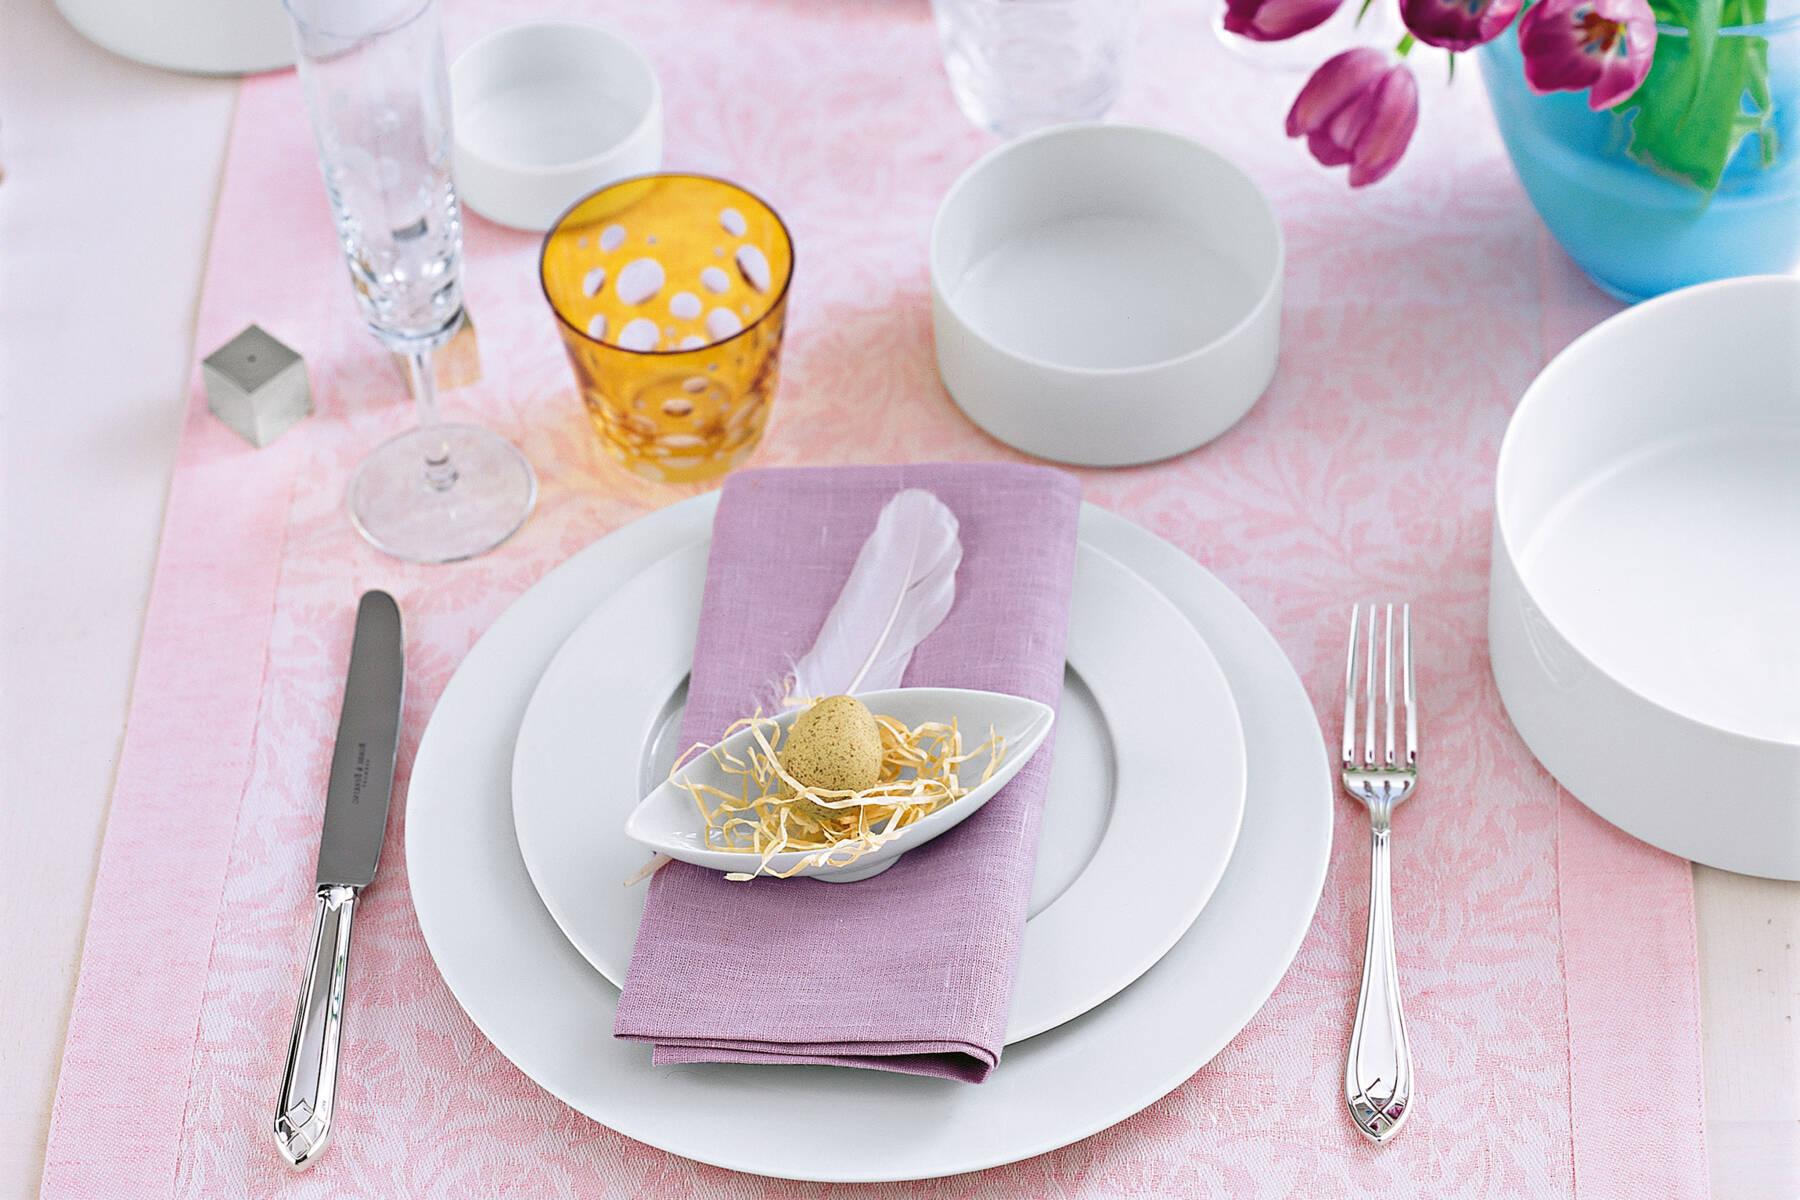 Tisch Eindecken Wo Liegt Was So Deckt Man Den Tisch Richtig Kuchengotter